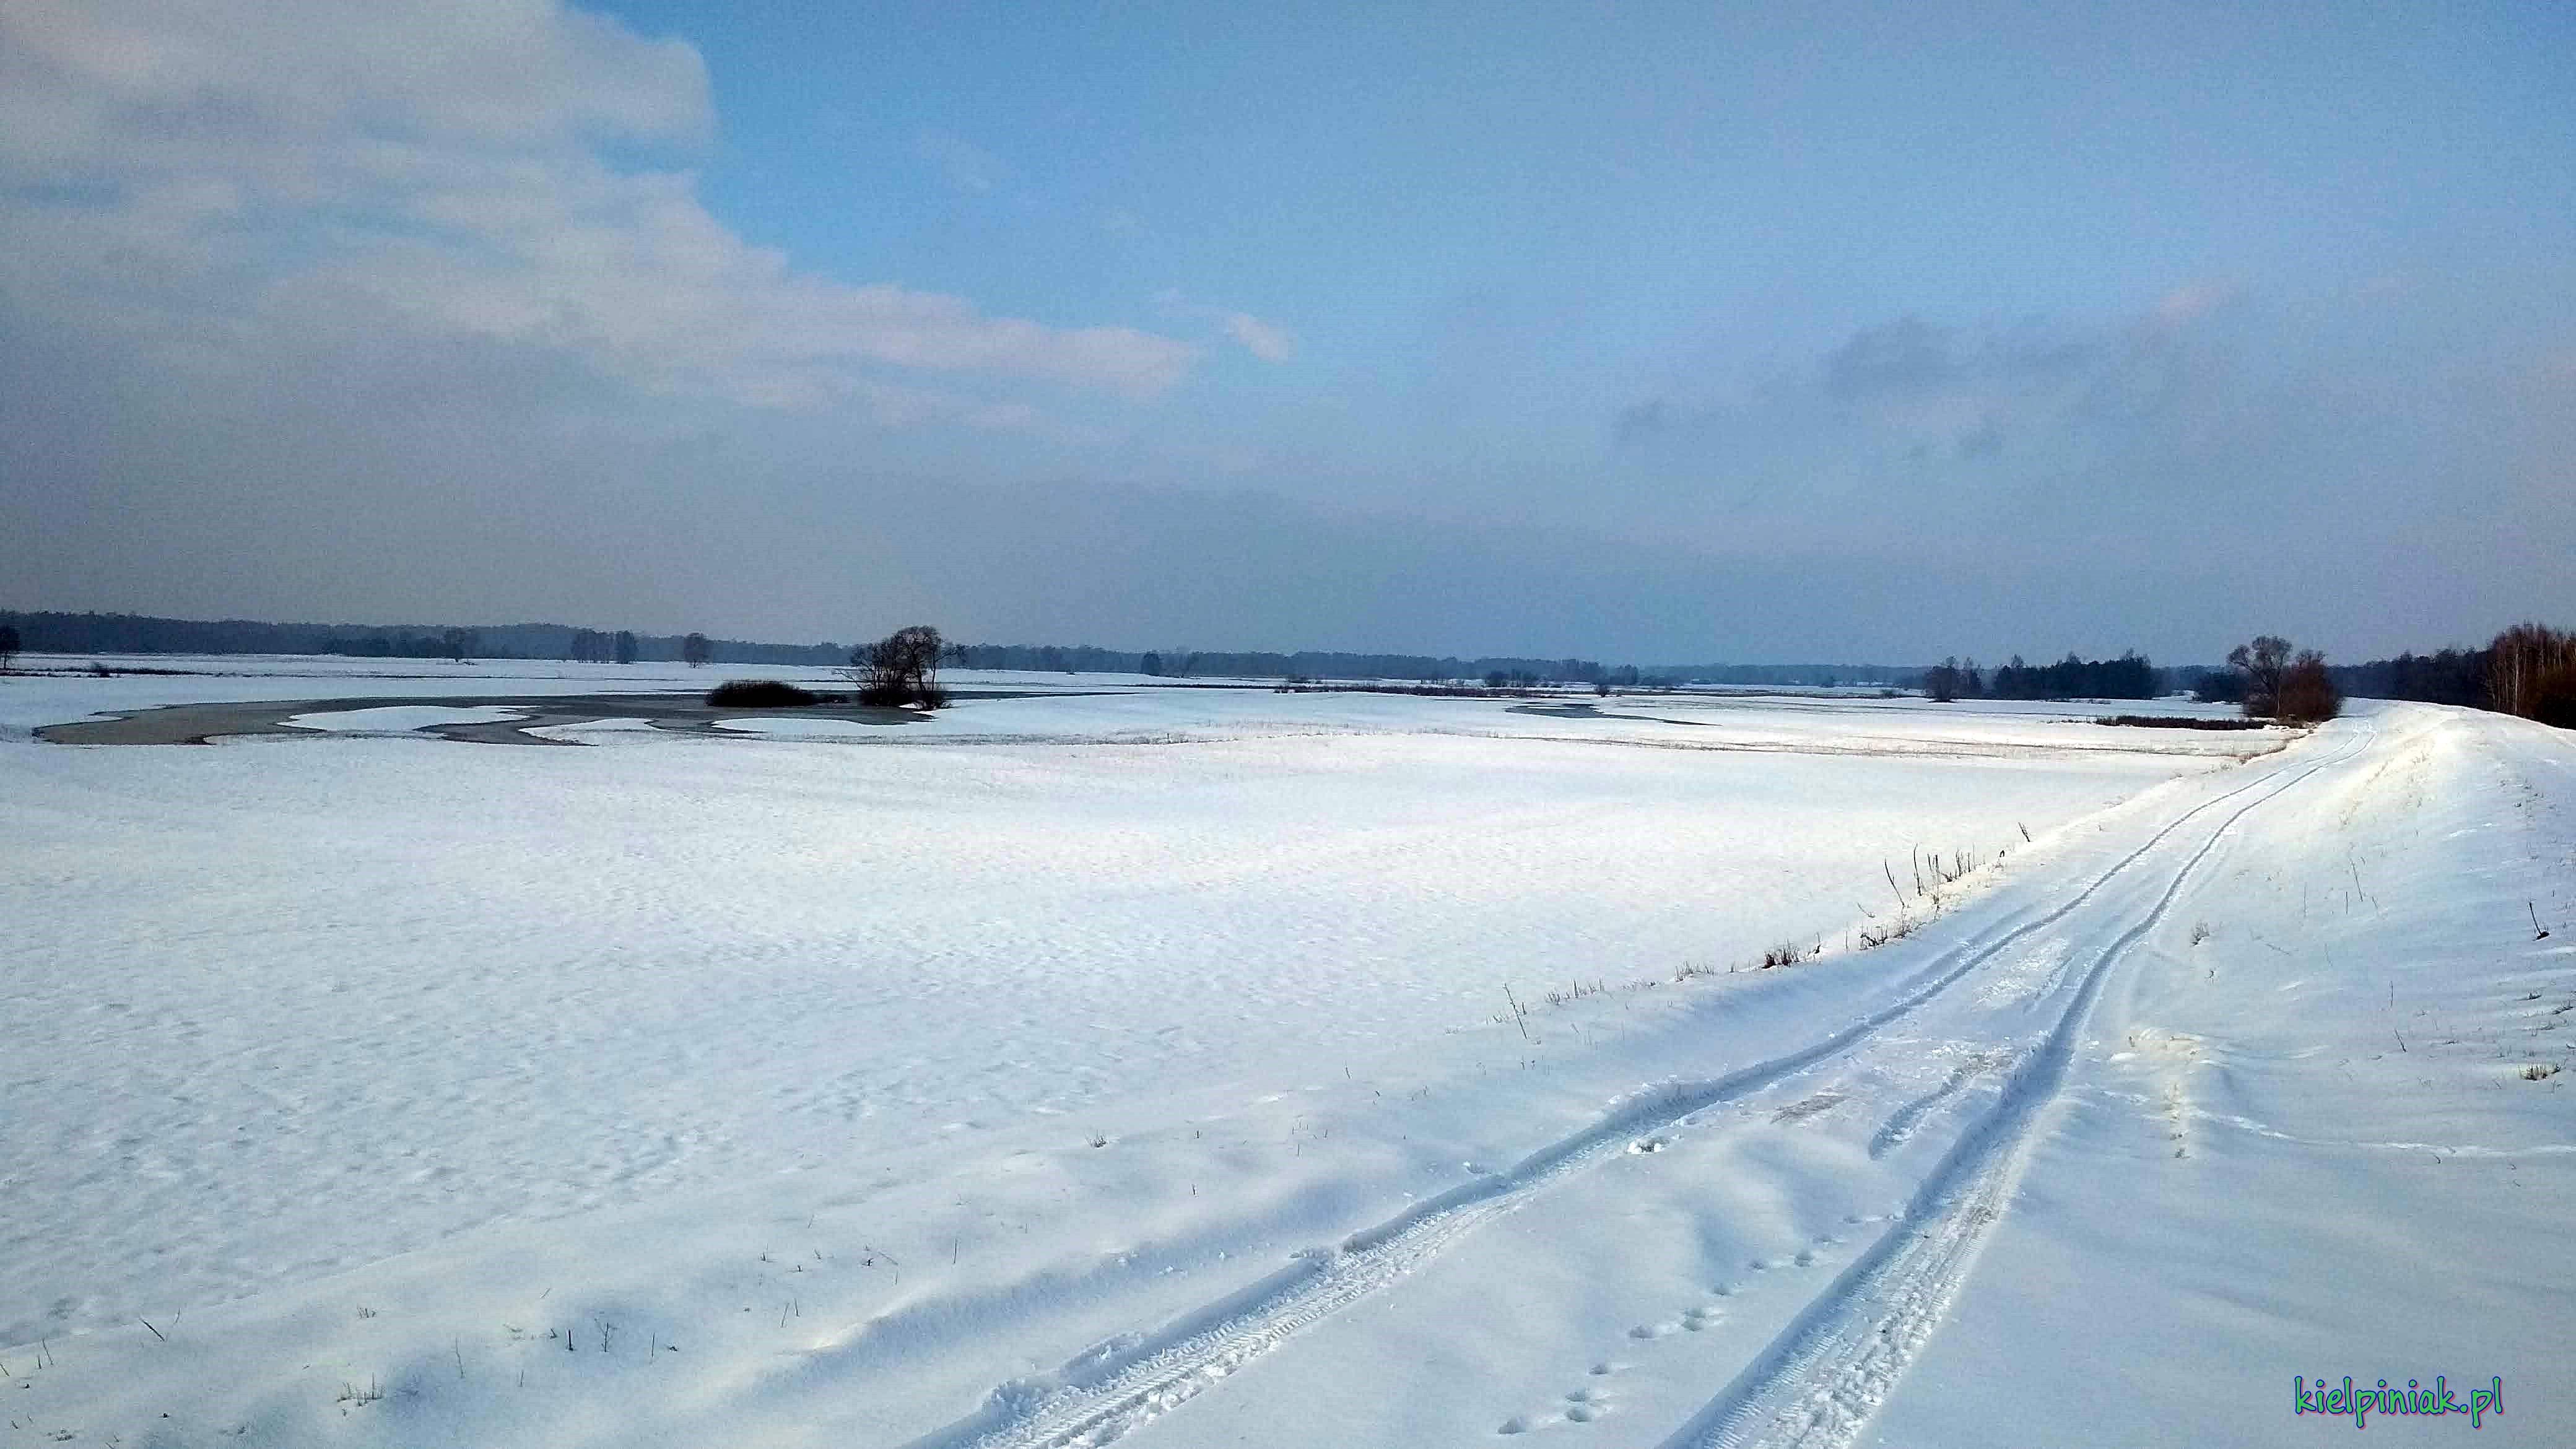 NPK zimą, droga przy wale w stronę Zagórza, zima 2019